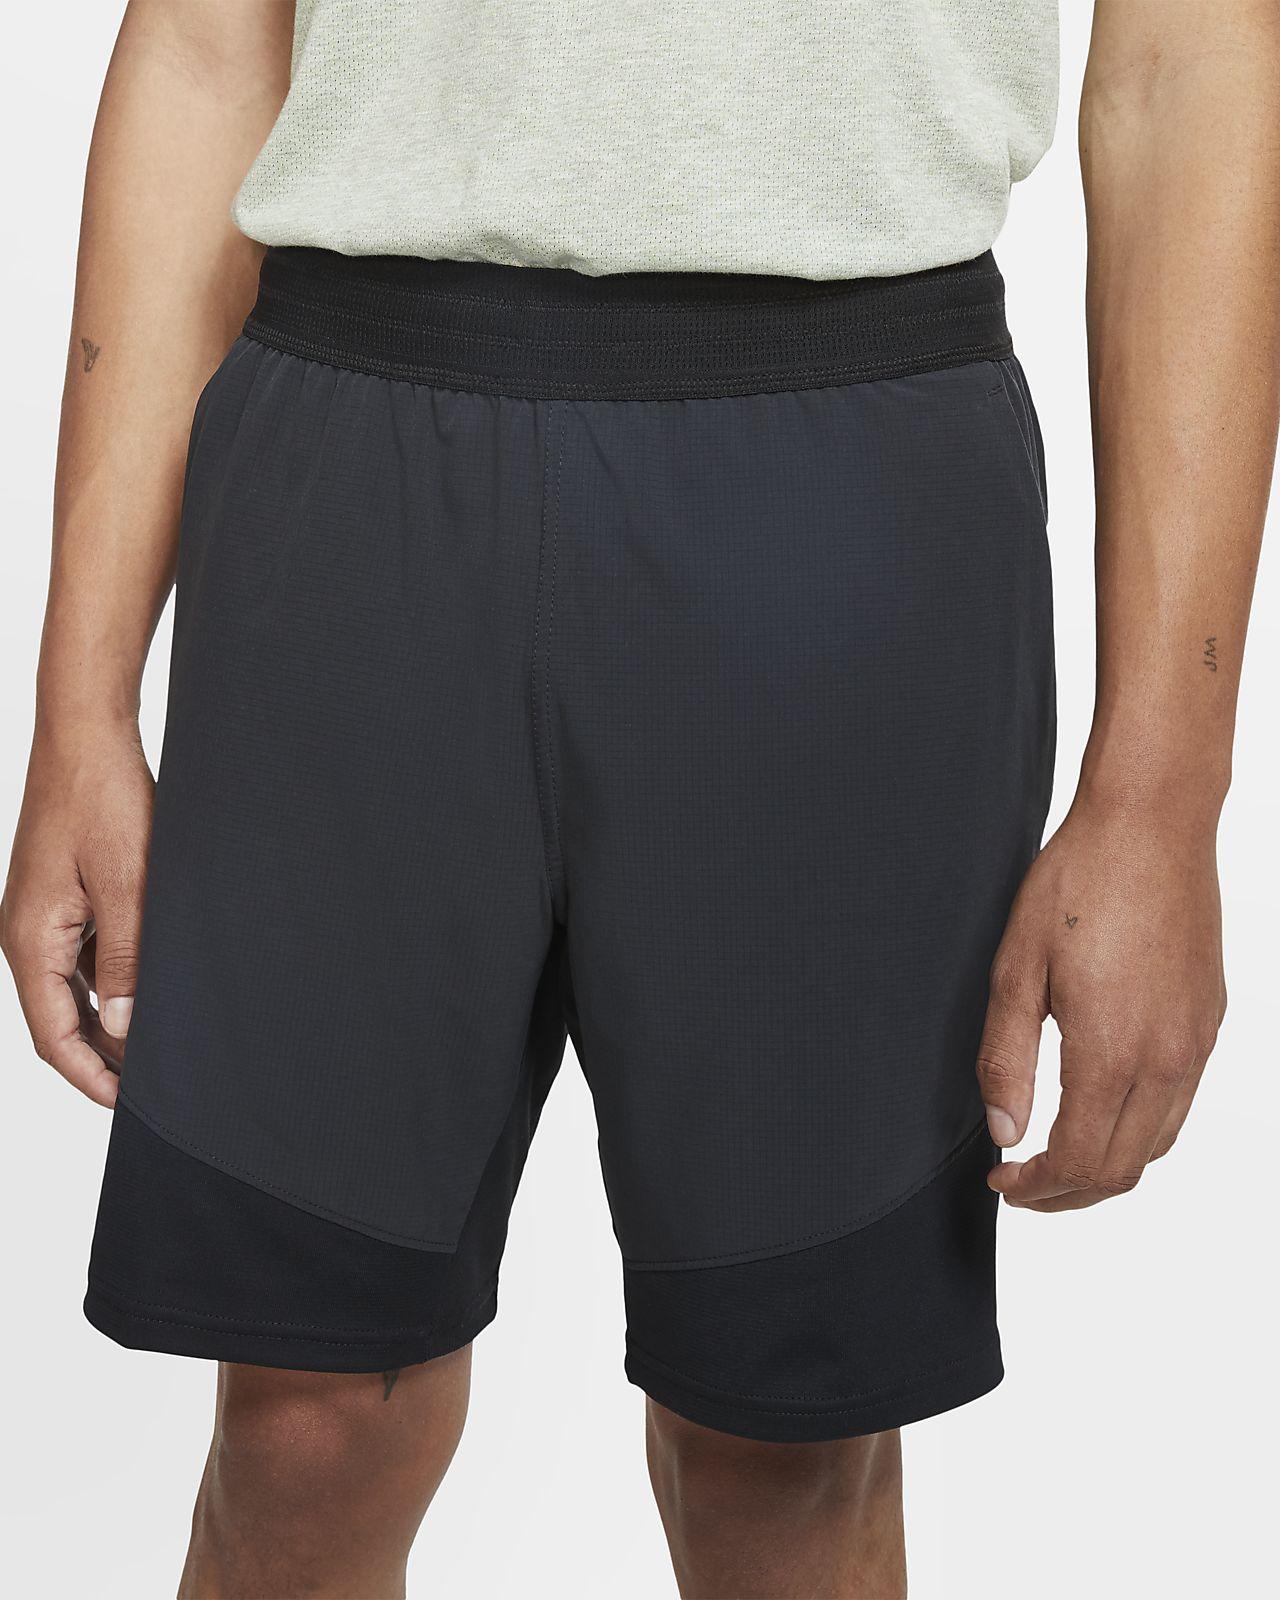 Vävda träningsshorts Nike Flex Tech Pack för män